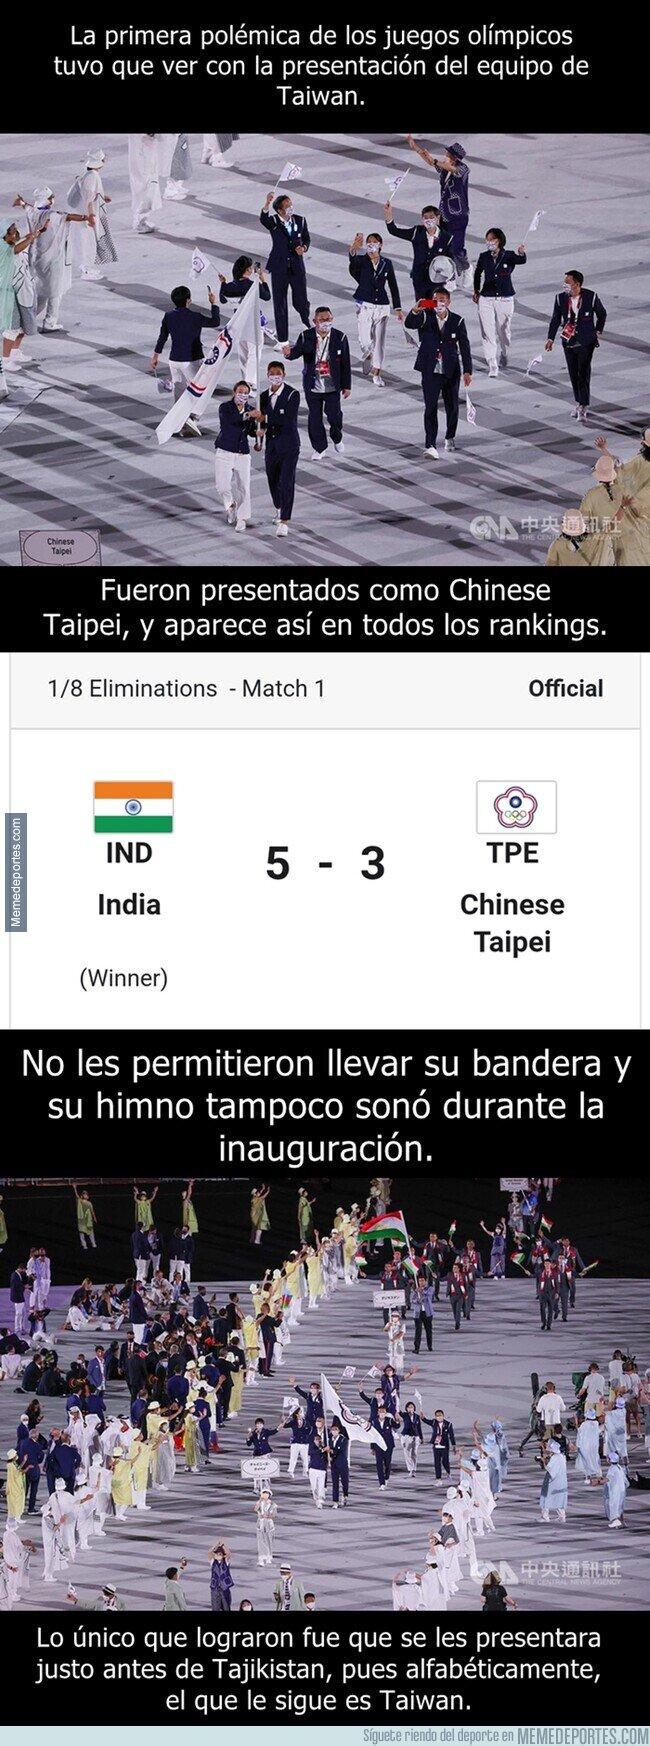 1140540 - Taiwan es presentado en los juegos olímpicos como Chinese Taipei